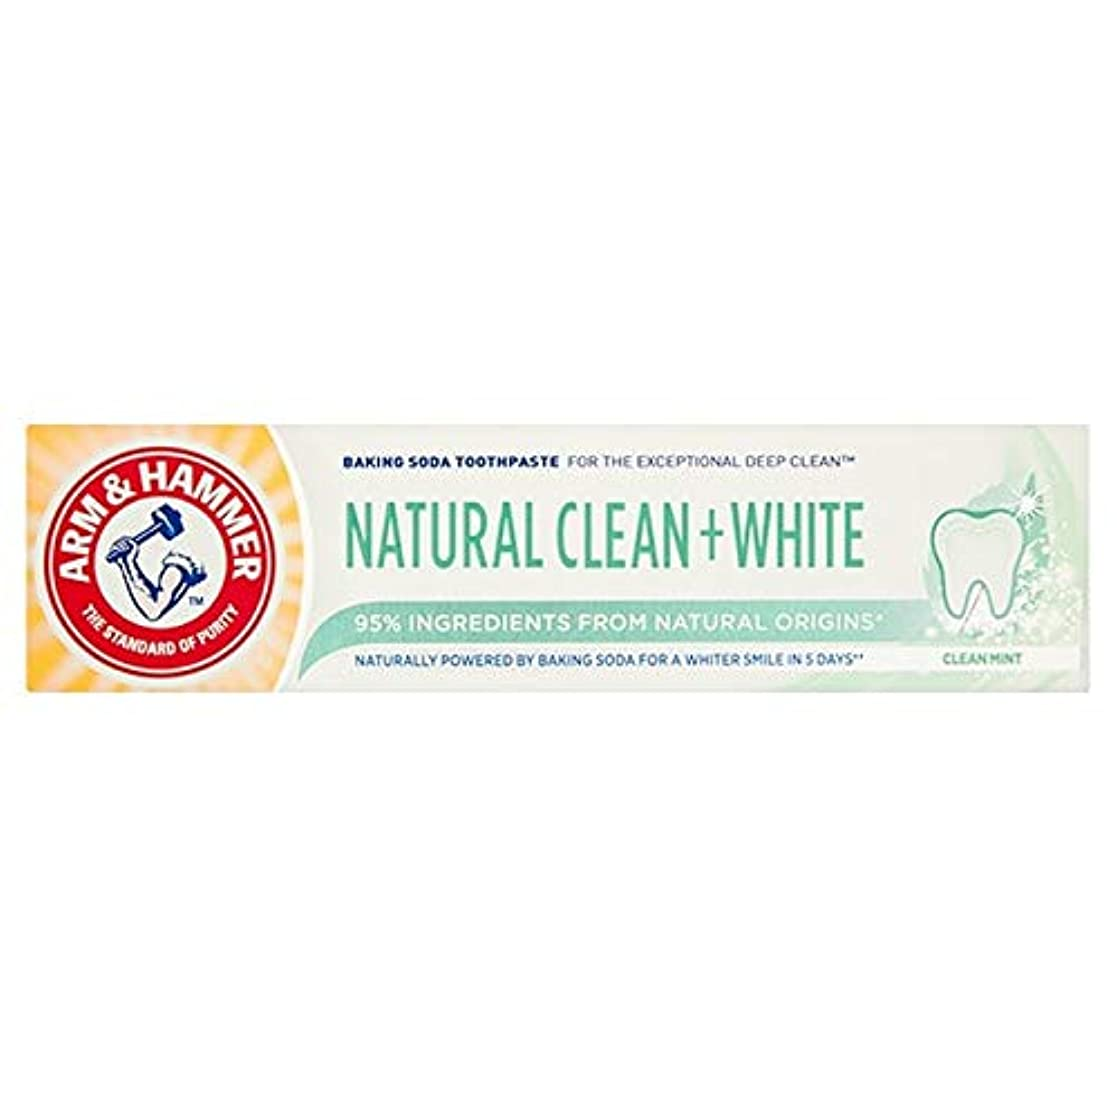 崇拝する写真セットする[Arm & Hammer ] アーム&ハンマーナチュラルクリーン+白75ミリリットル - Arm & Hammer Natural Clean + White 75ml [並行輸入品]